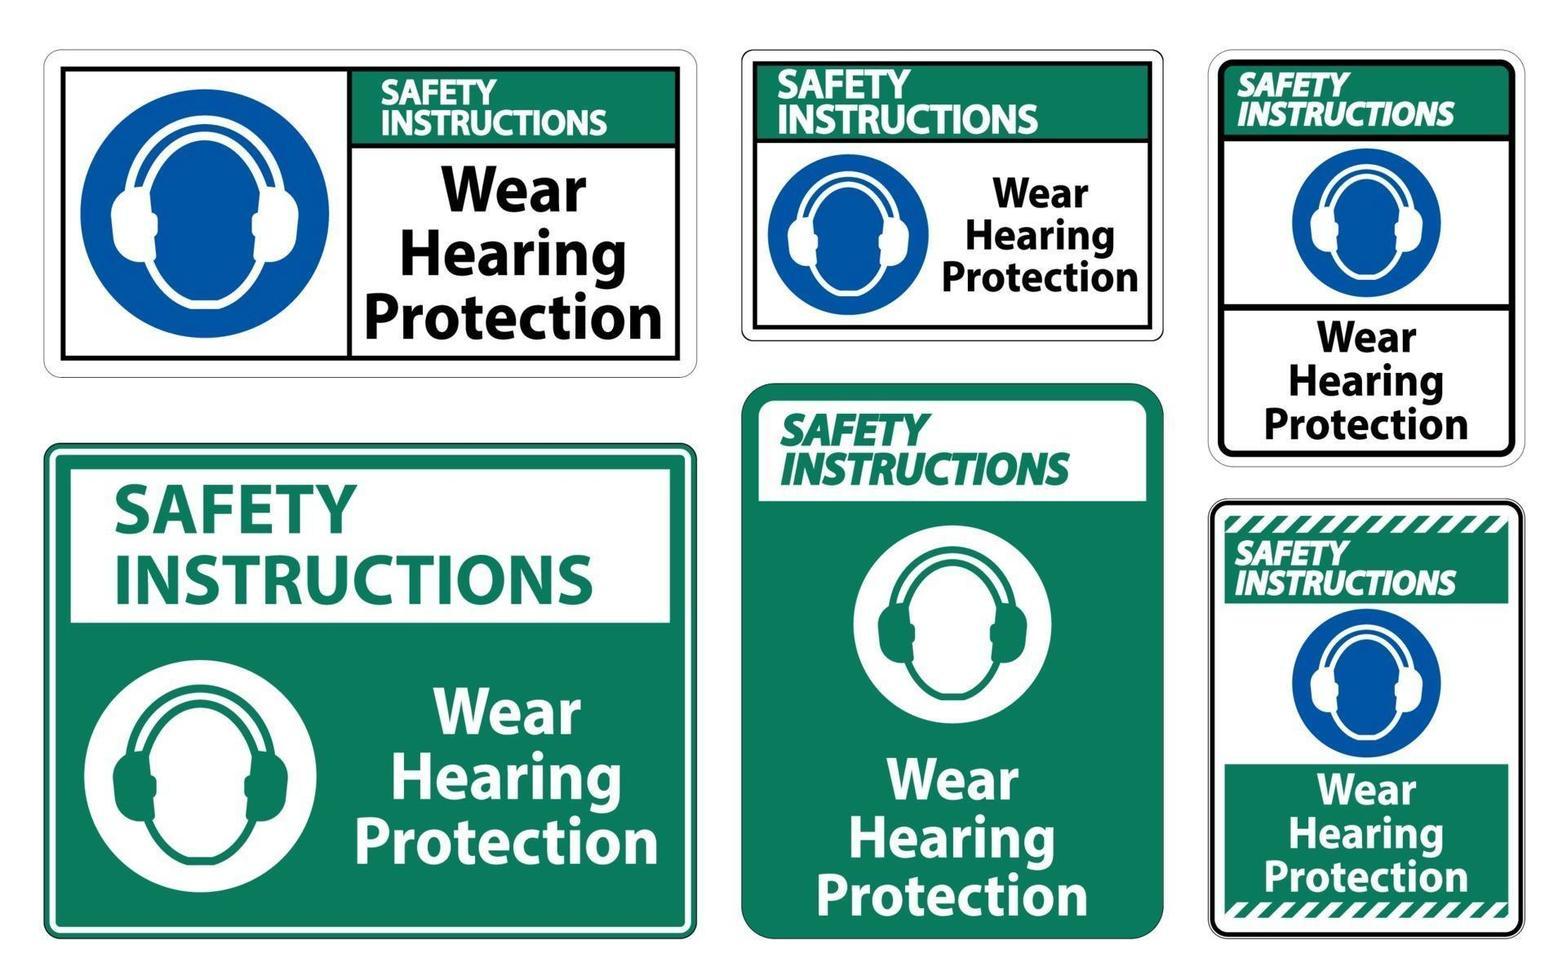 säkerhetsinstruktioner bär hörselskyddstecken på vit bakgrund vektor